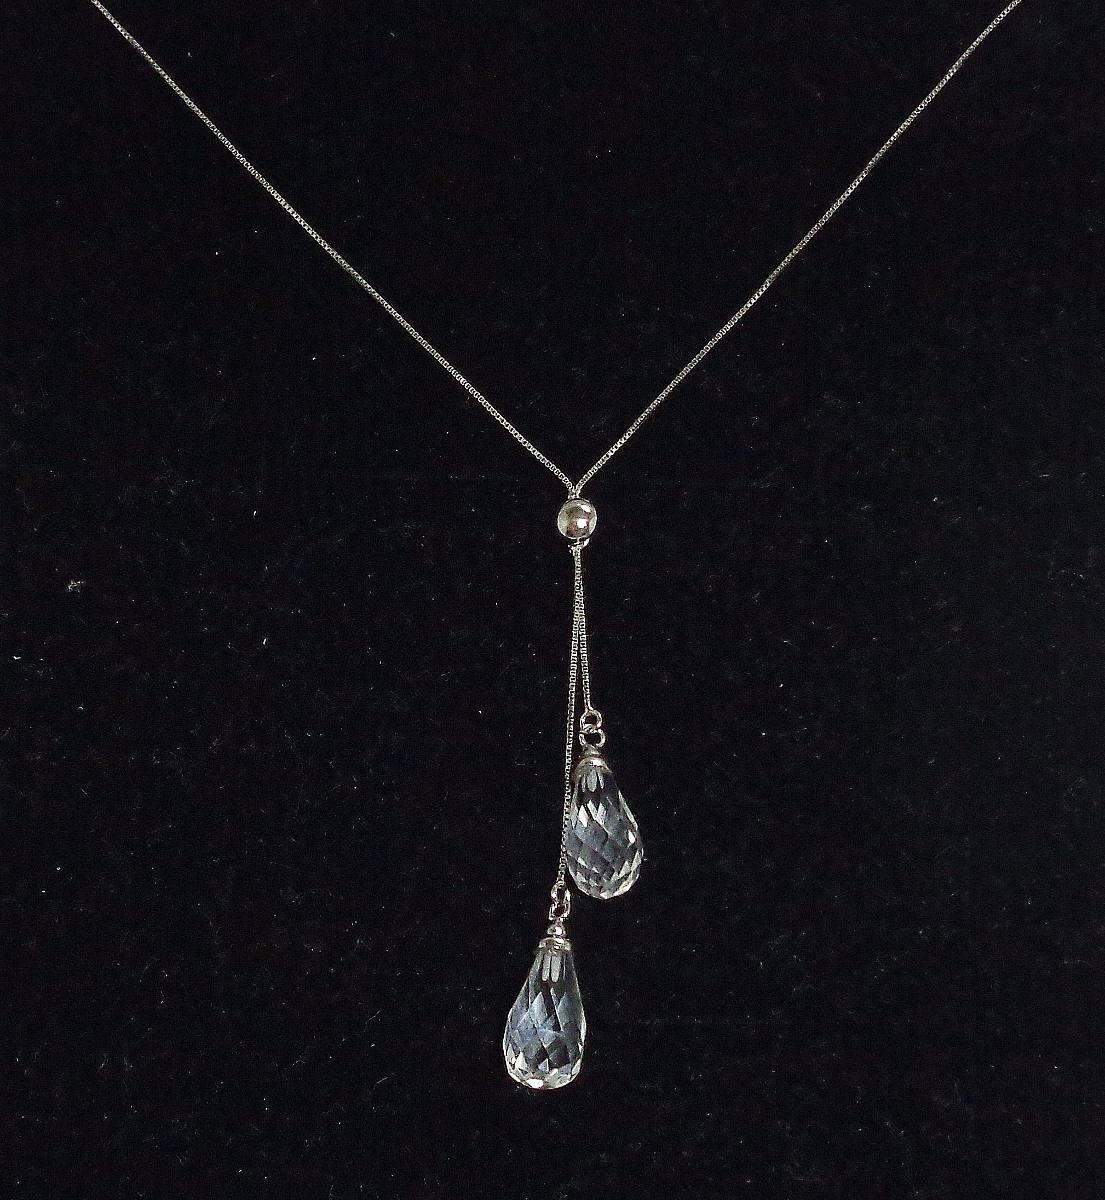 1c028b5c9e78e gargantilha corrente colar veneziana ouro branco 18k cristal. Carregando  zoom.